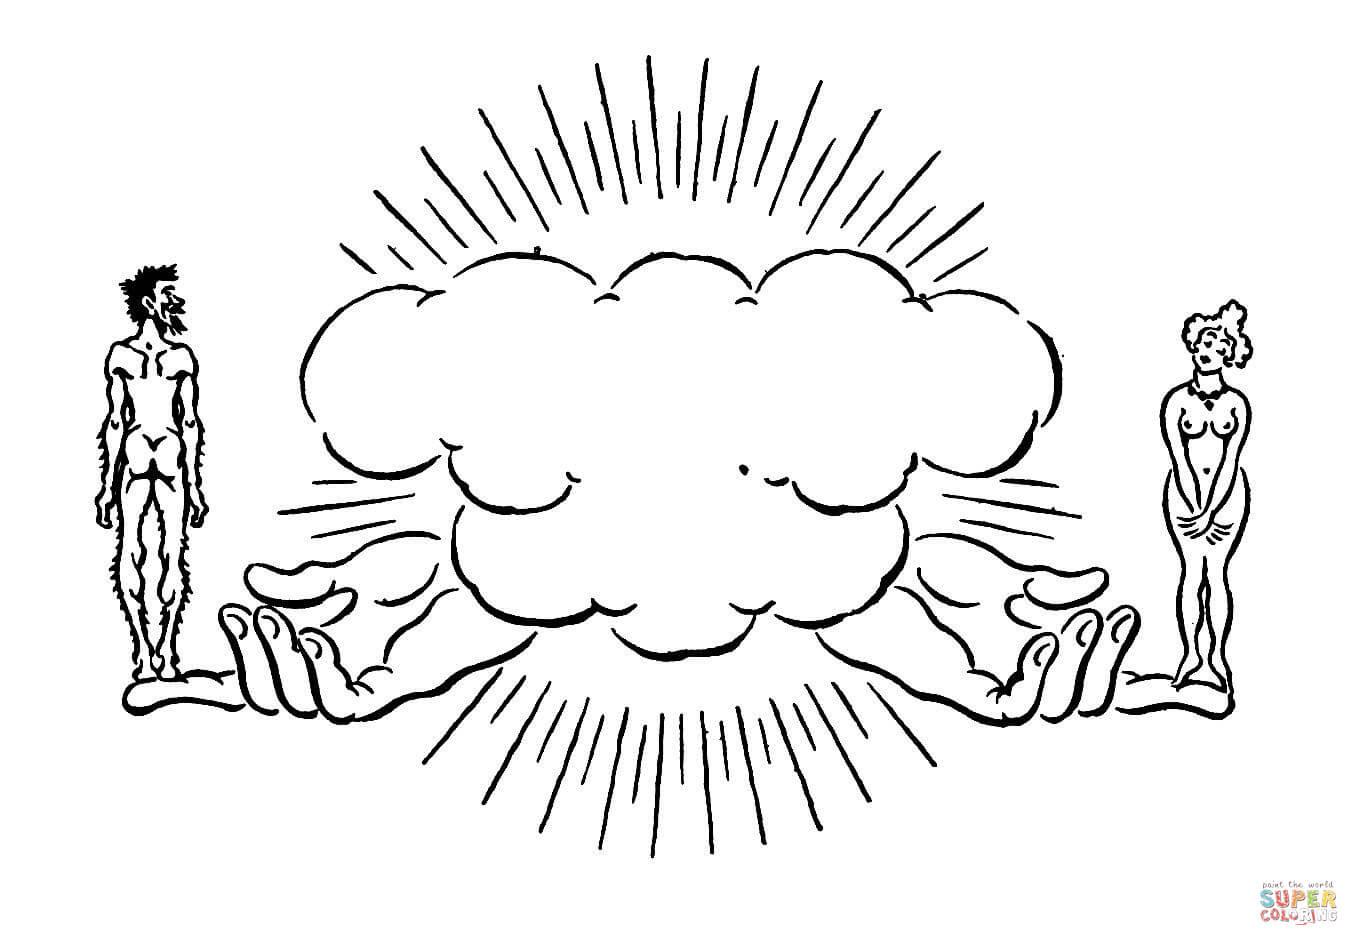 Coloriage Adam Et ève Dans La Main De Dieu Coloriages à Imprimer